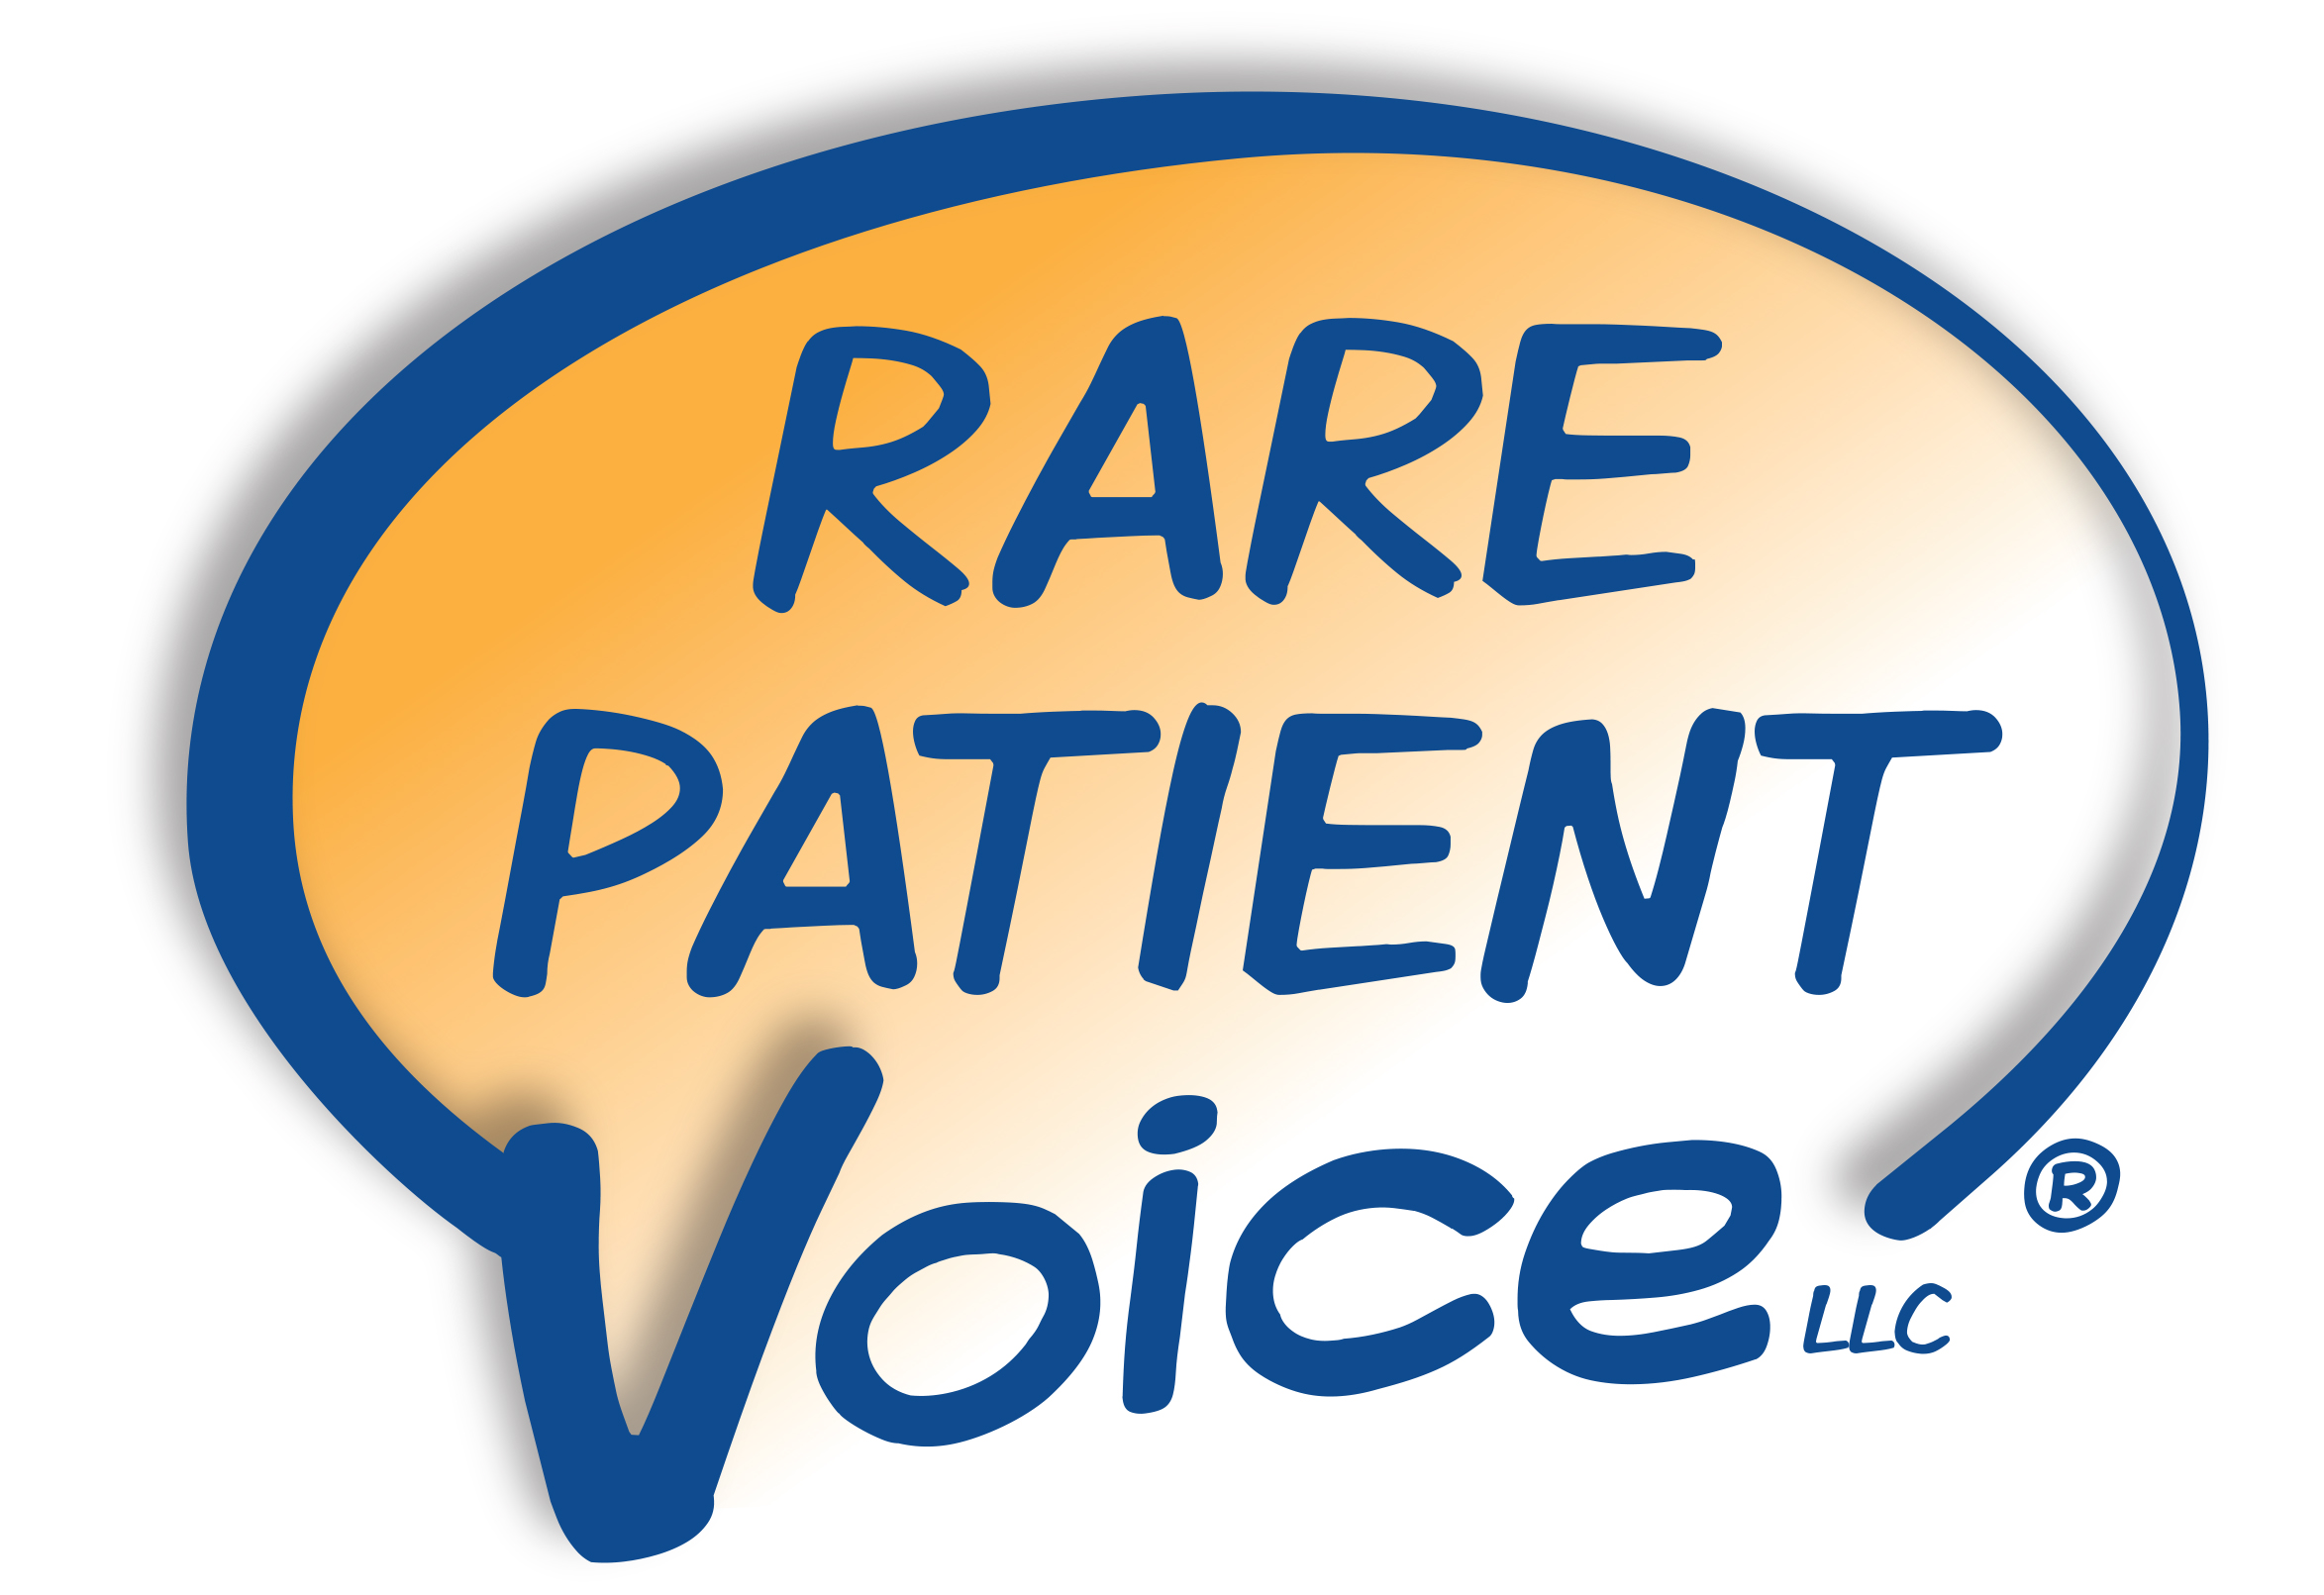 Rare Patient